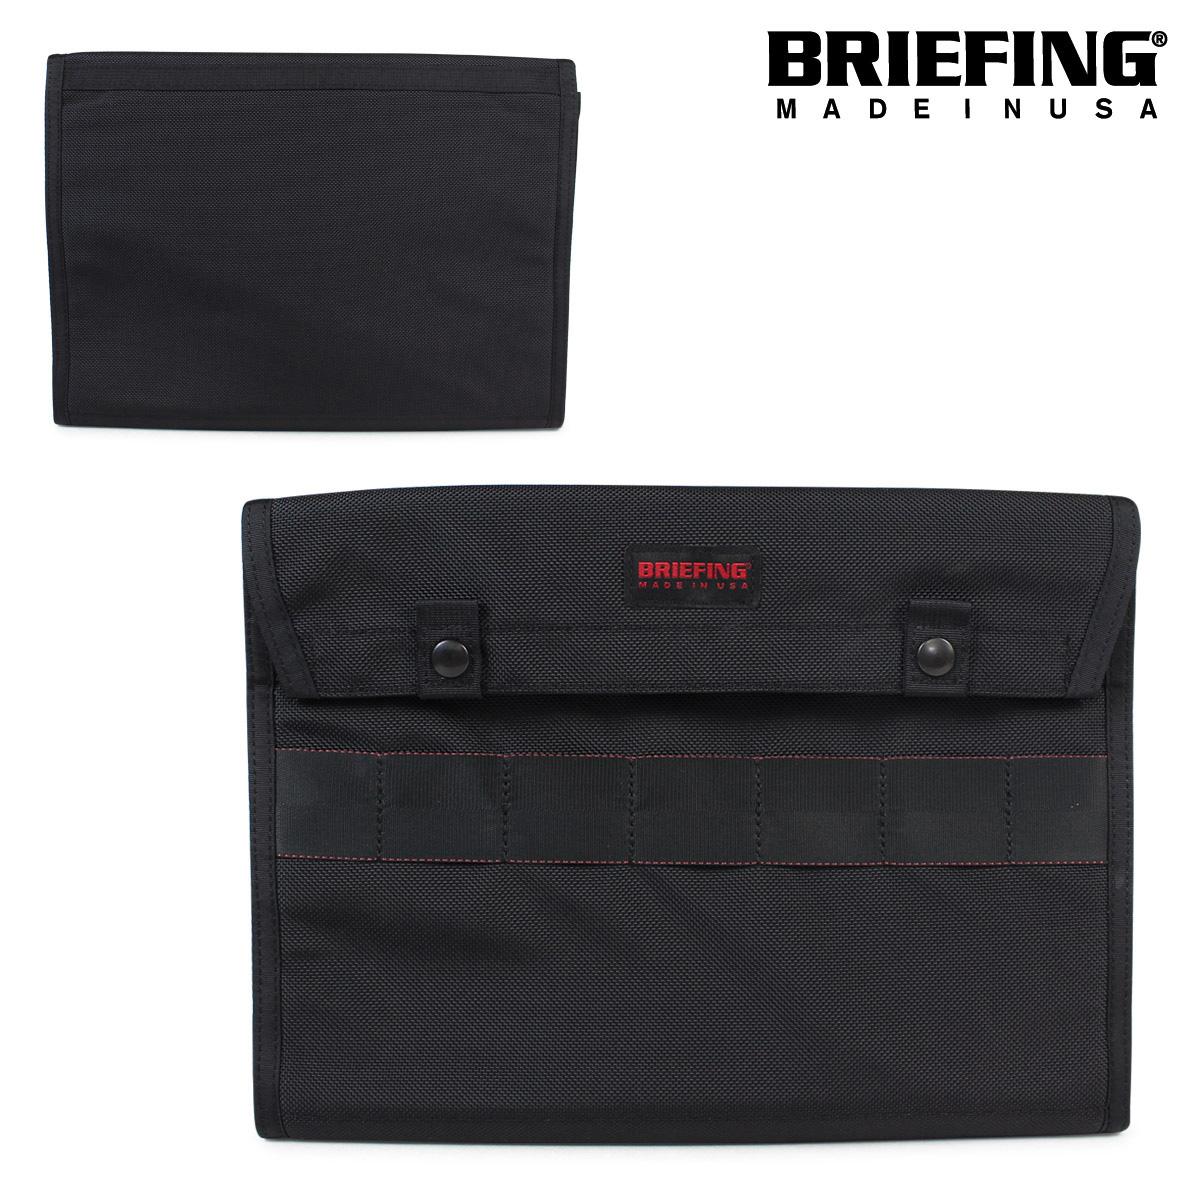 【誠実】 BRIEFING メンズ ブリーフィング BRIEFING BRF487219 バッグ クラッチバッグ DOCUMENT CASE BRF487219 メンズ ブラック, モアネット casual select:f9035d27 --- hortafacil.dominiotemporario.com